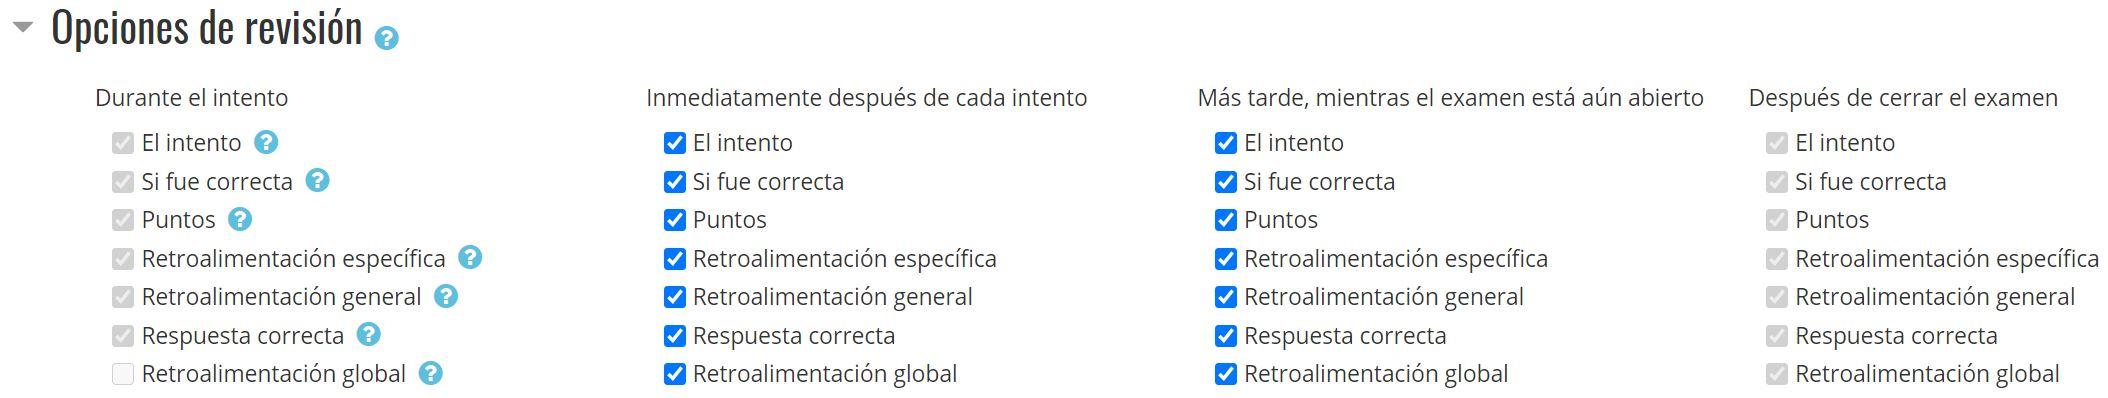 Configuración de examen: Opciones de revisión